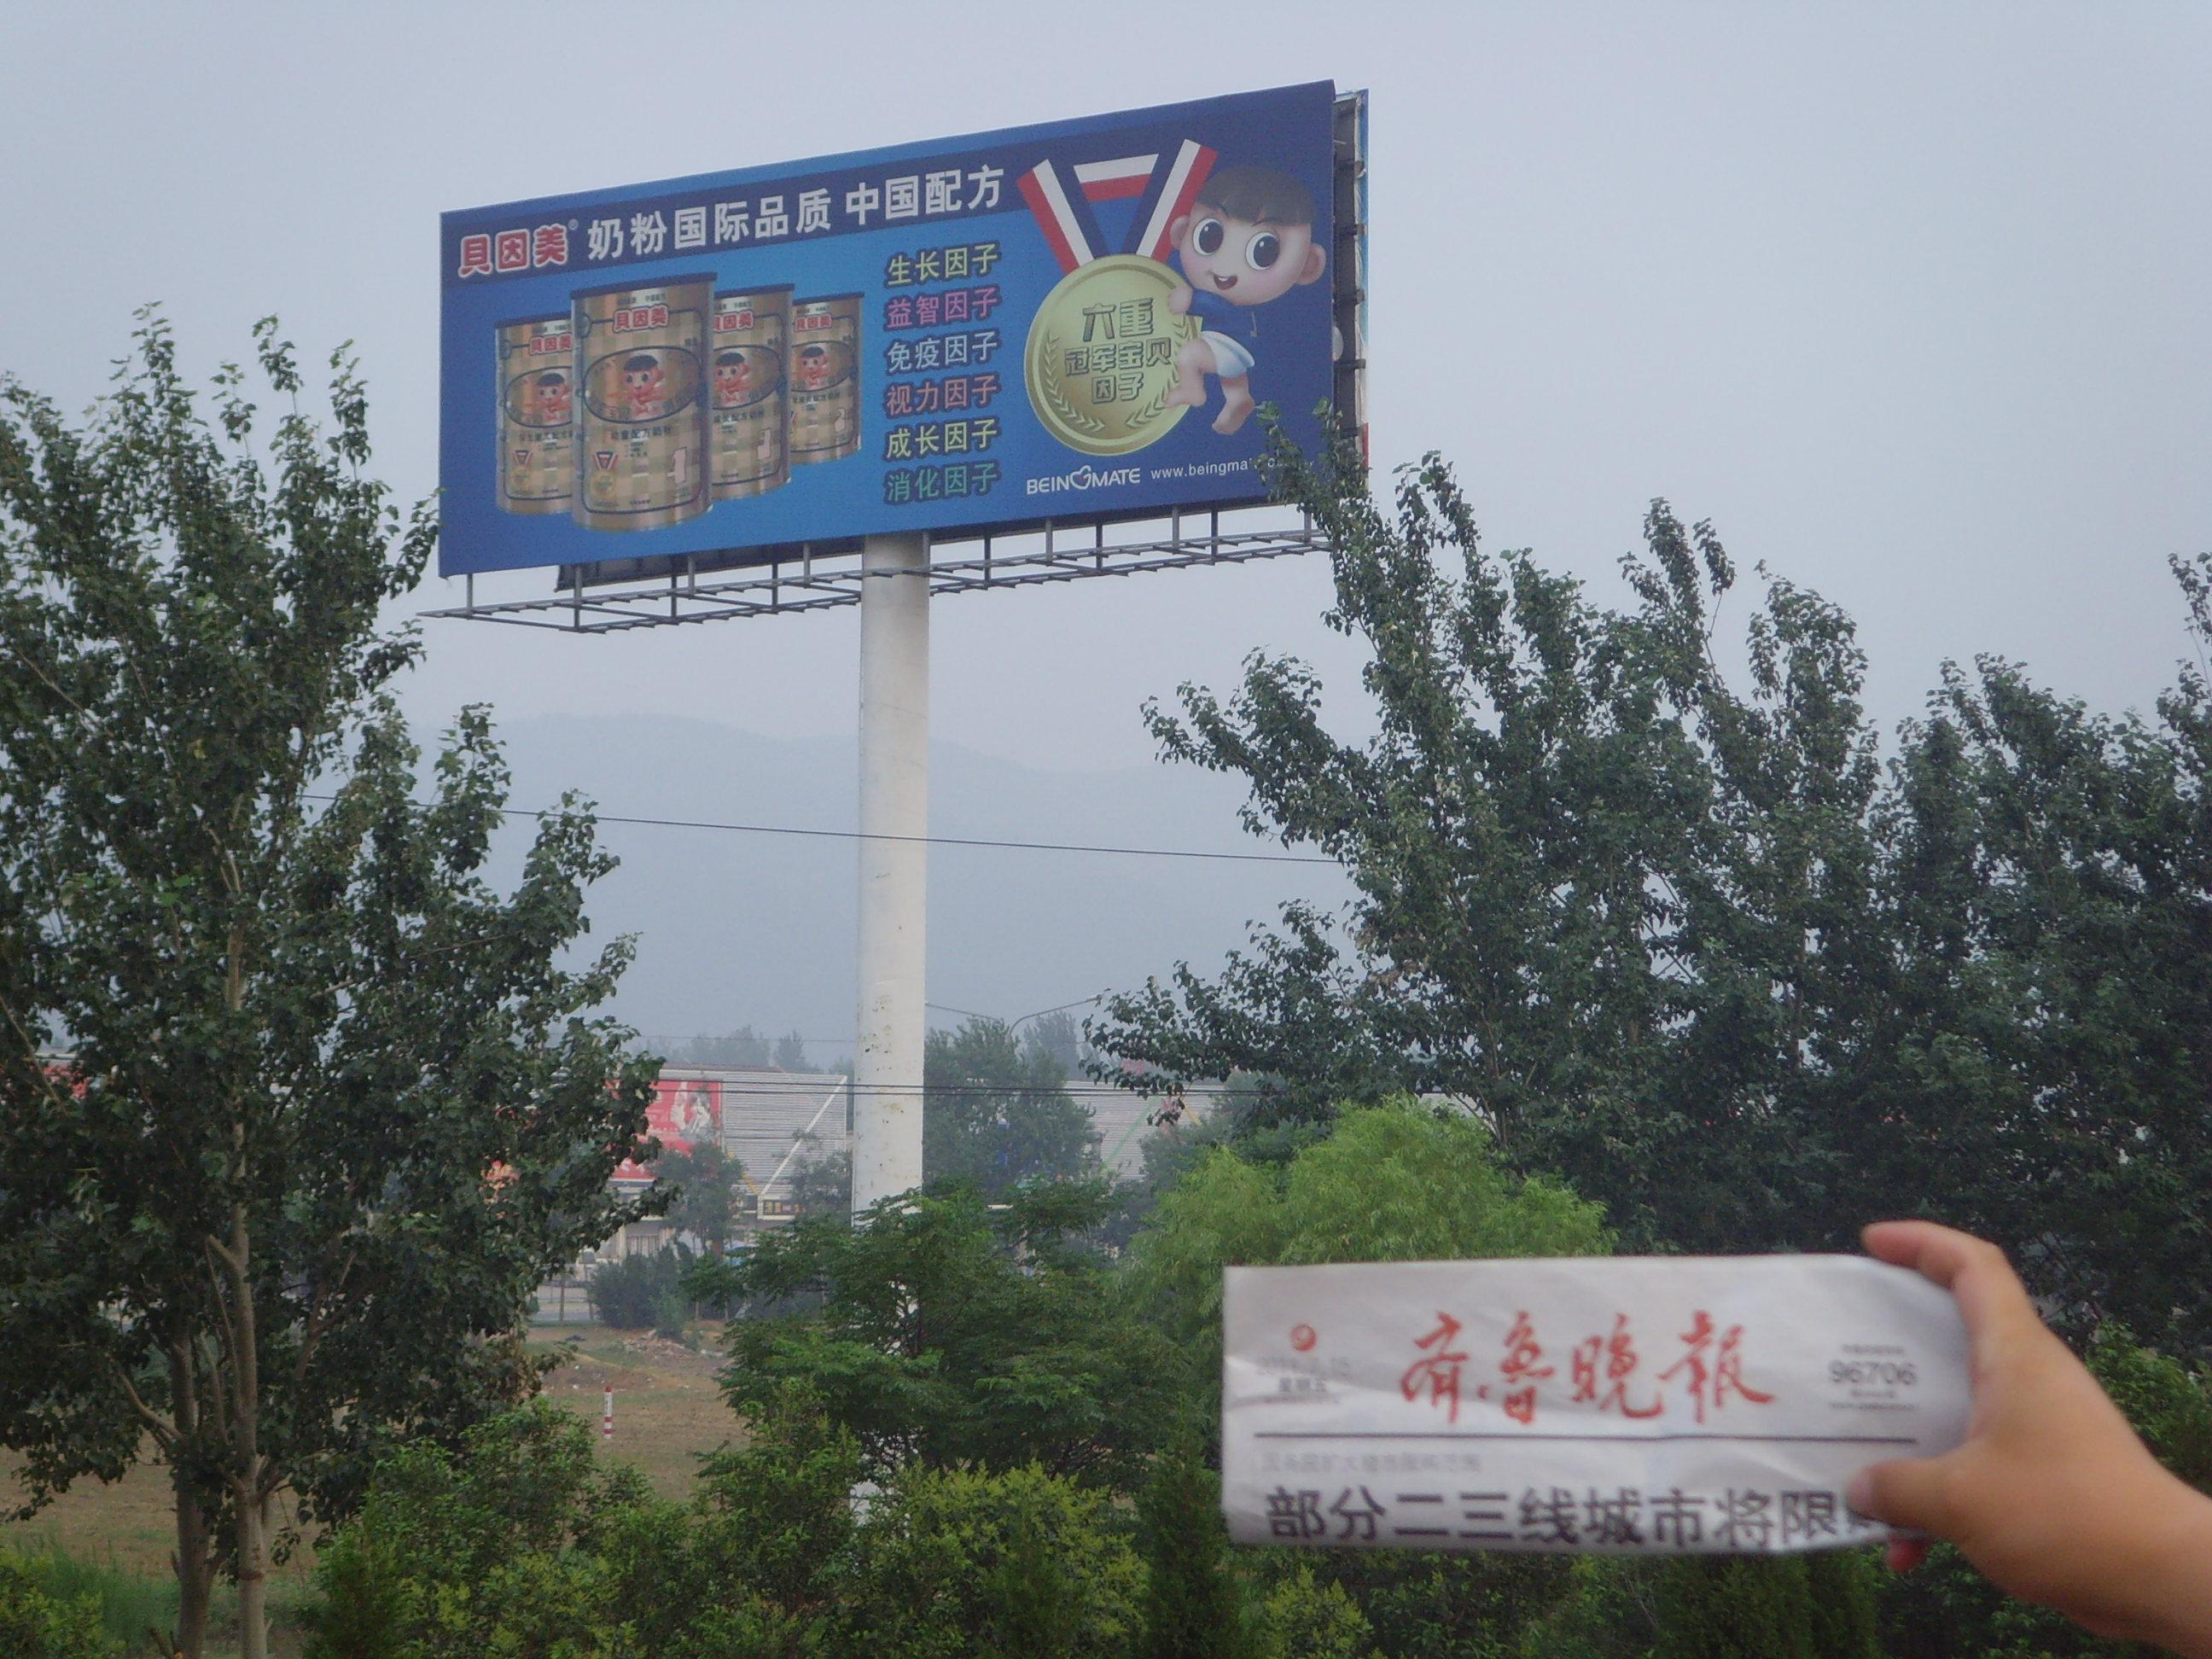 江苏高速路牌广告发布*江苏高速路牌广告发布*济南大河